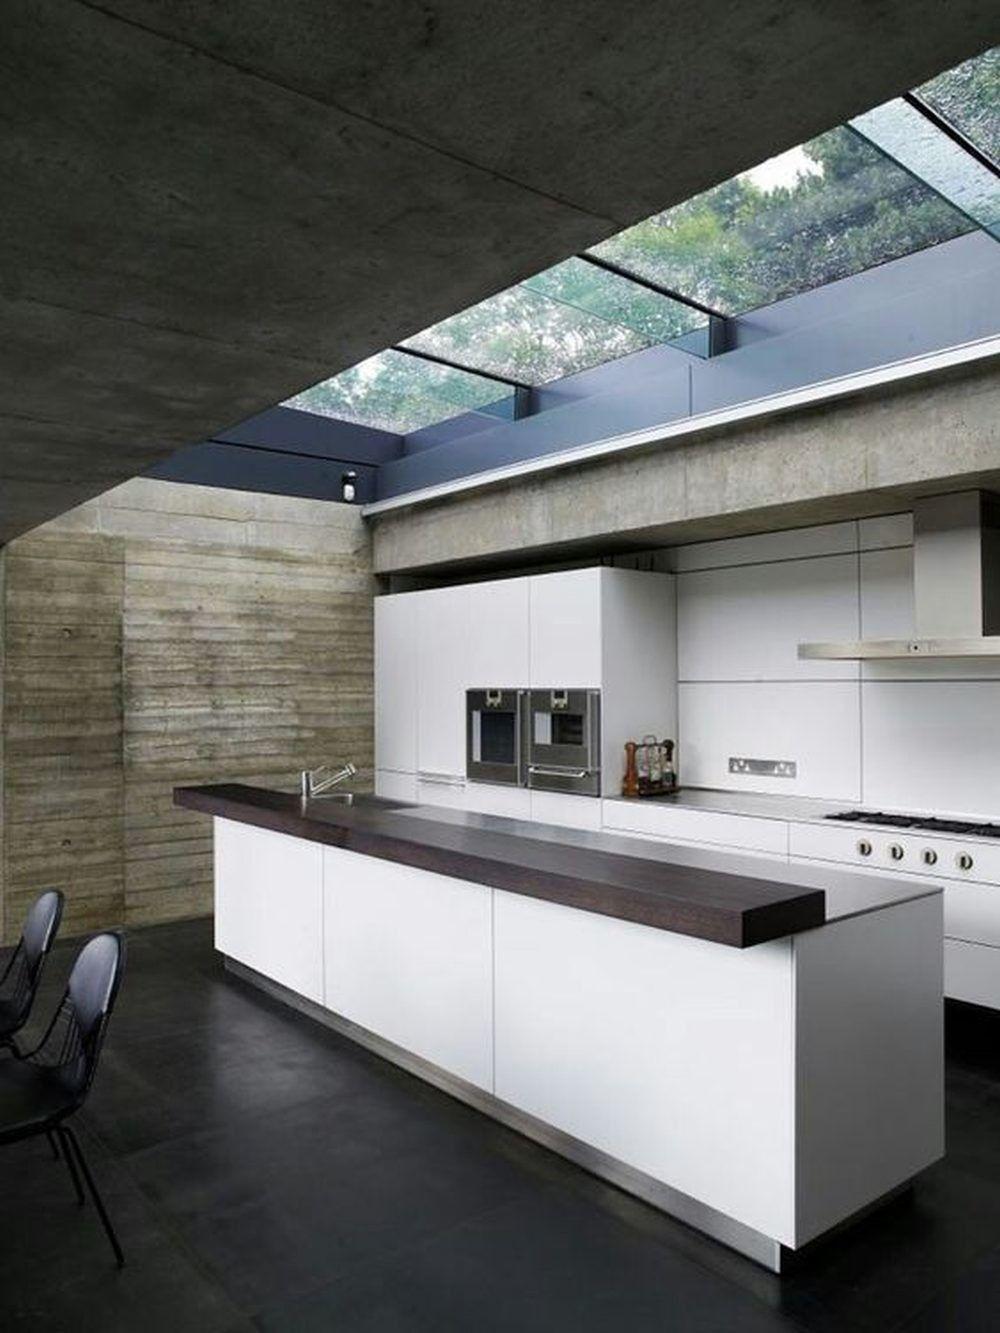 Lucernario3 | Modern! | Pinterest | Haus bauen, Begehbar und Lampen